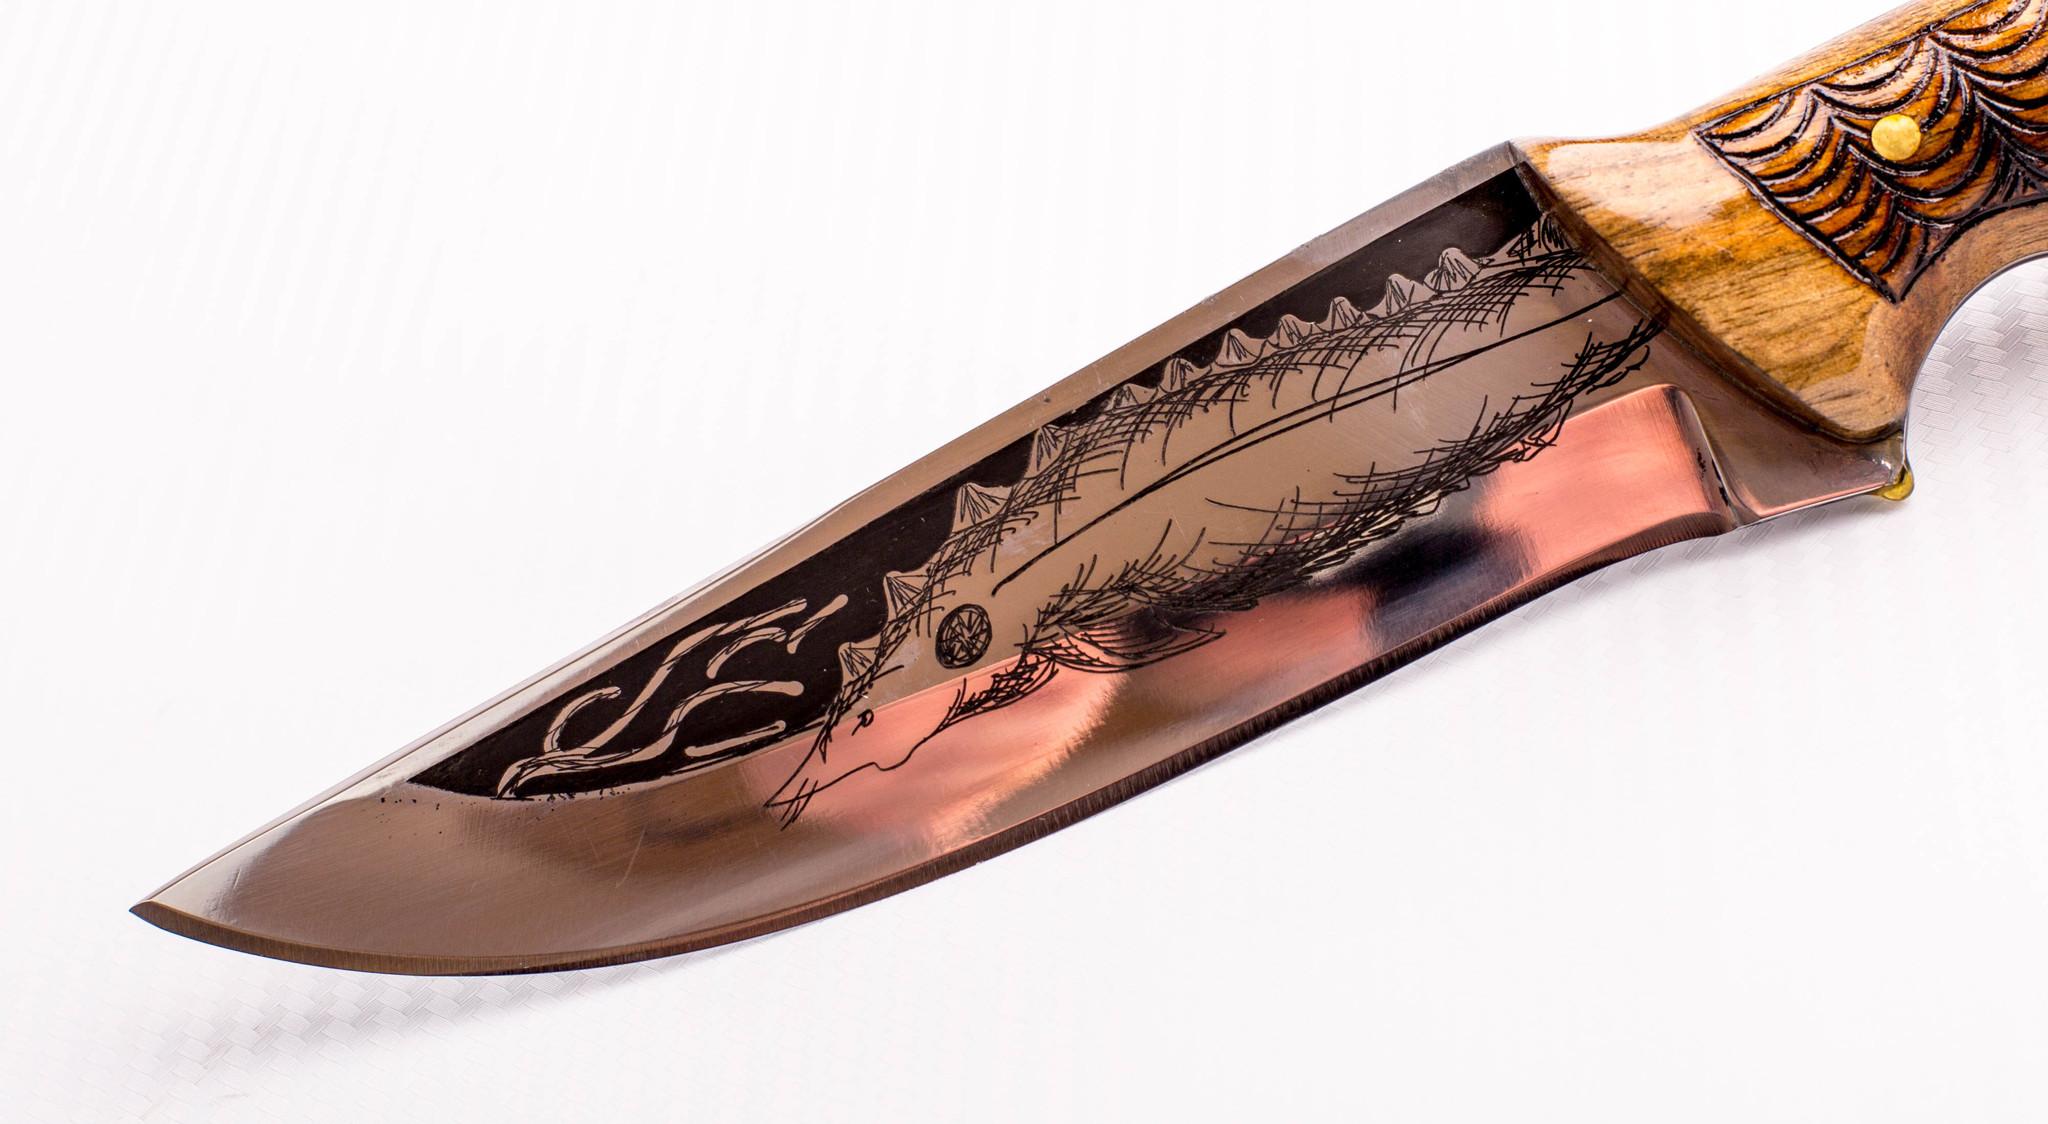 Фото 4 - Нож Морской Волк, резной, Кизляр СТО, сталь 65х13